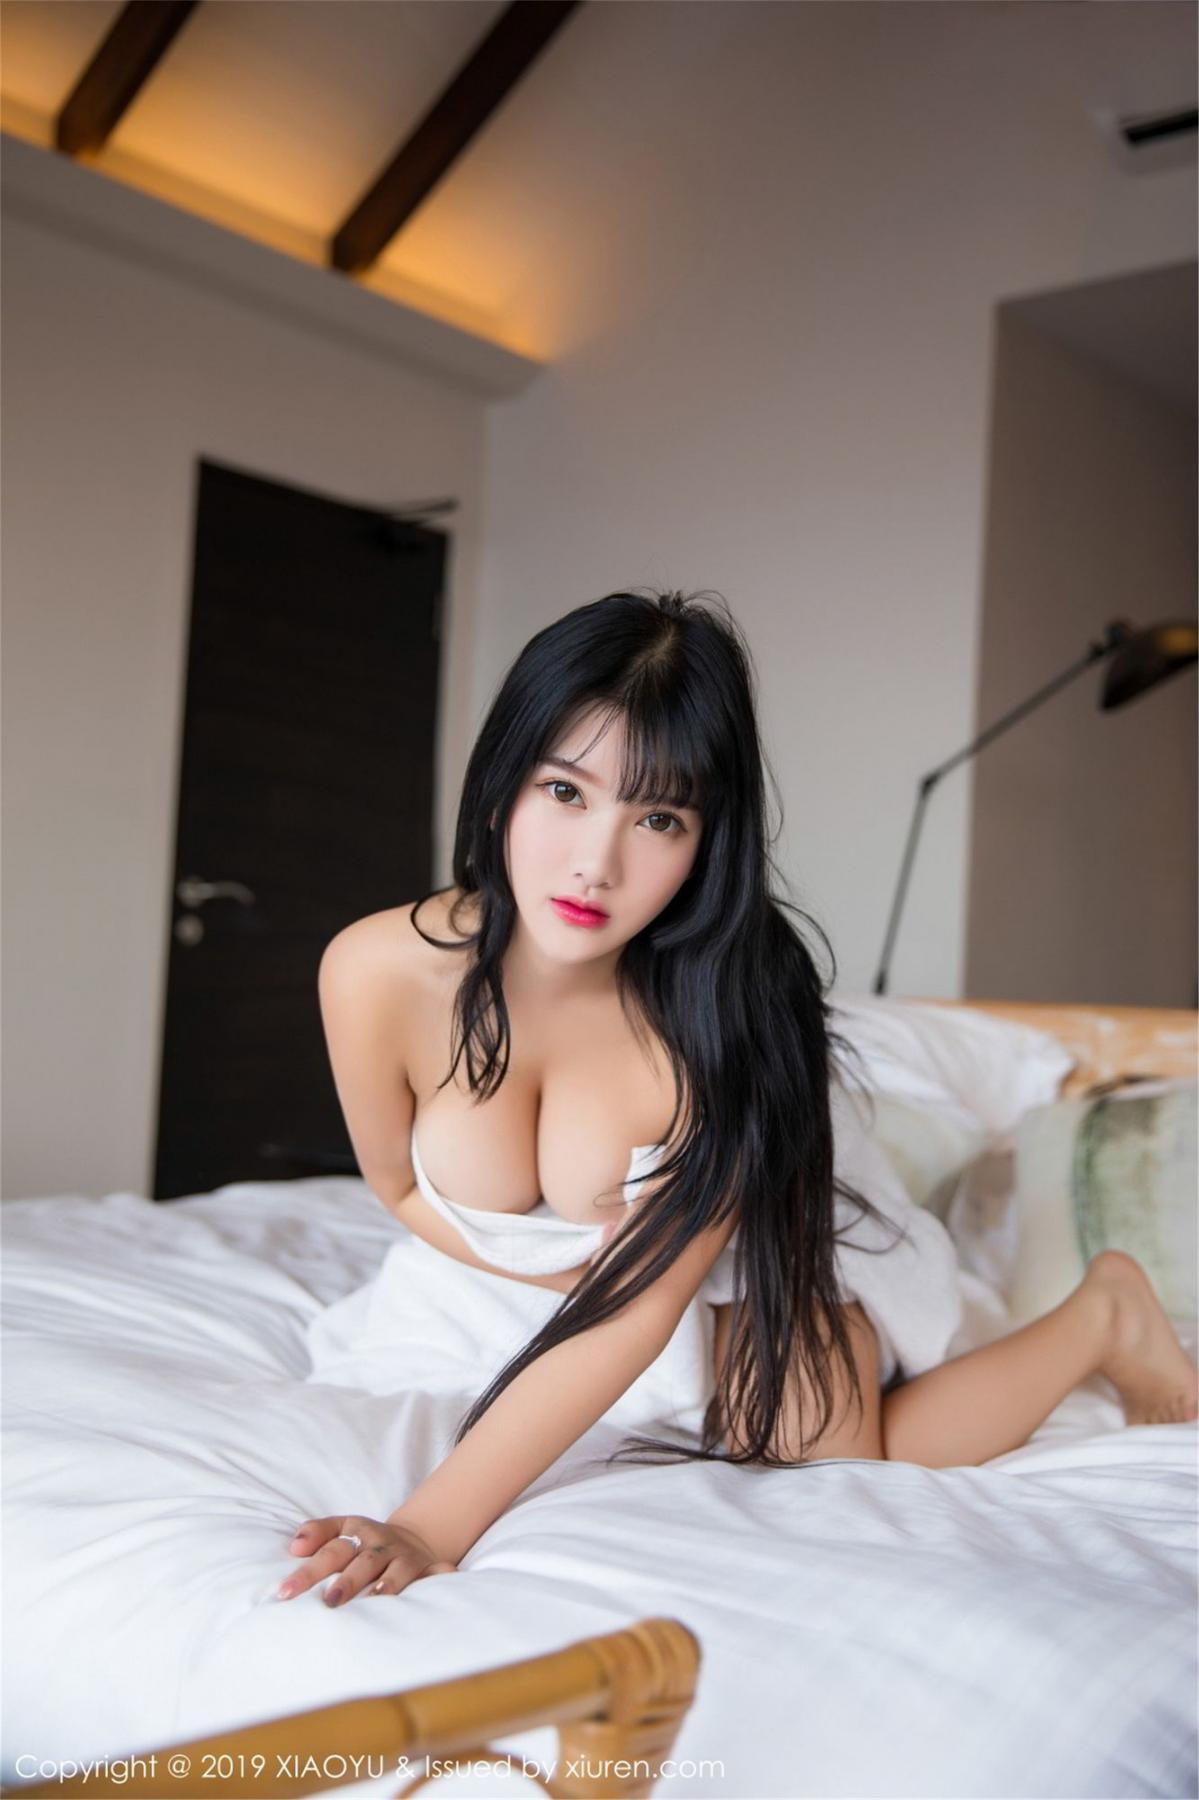 [XiaoYu] Vol.070 Lu Lu Xiao Miao 4P, Baby Face Big Boobs, Lovely, Lu Lu Xiao Miao, XiaoYu